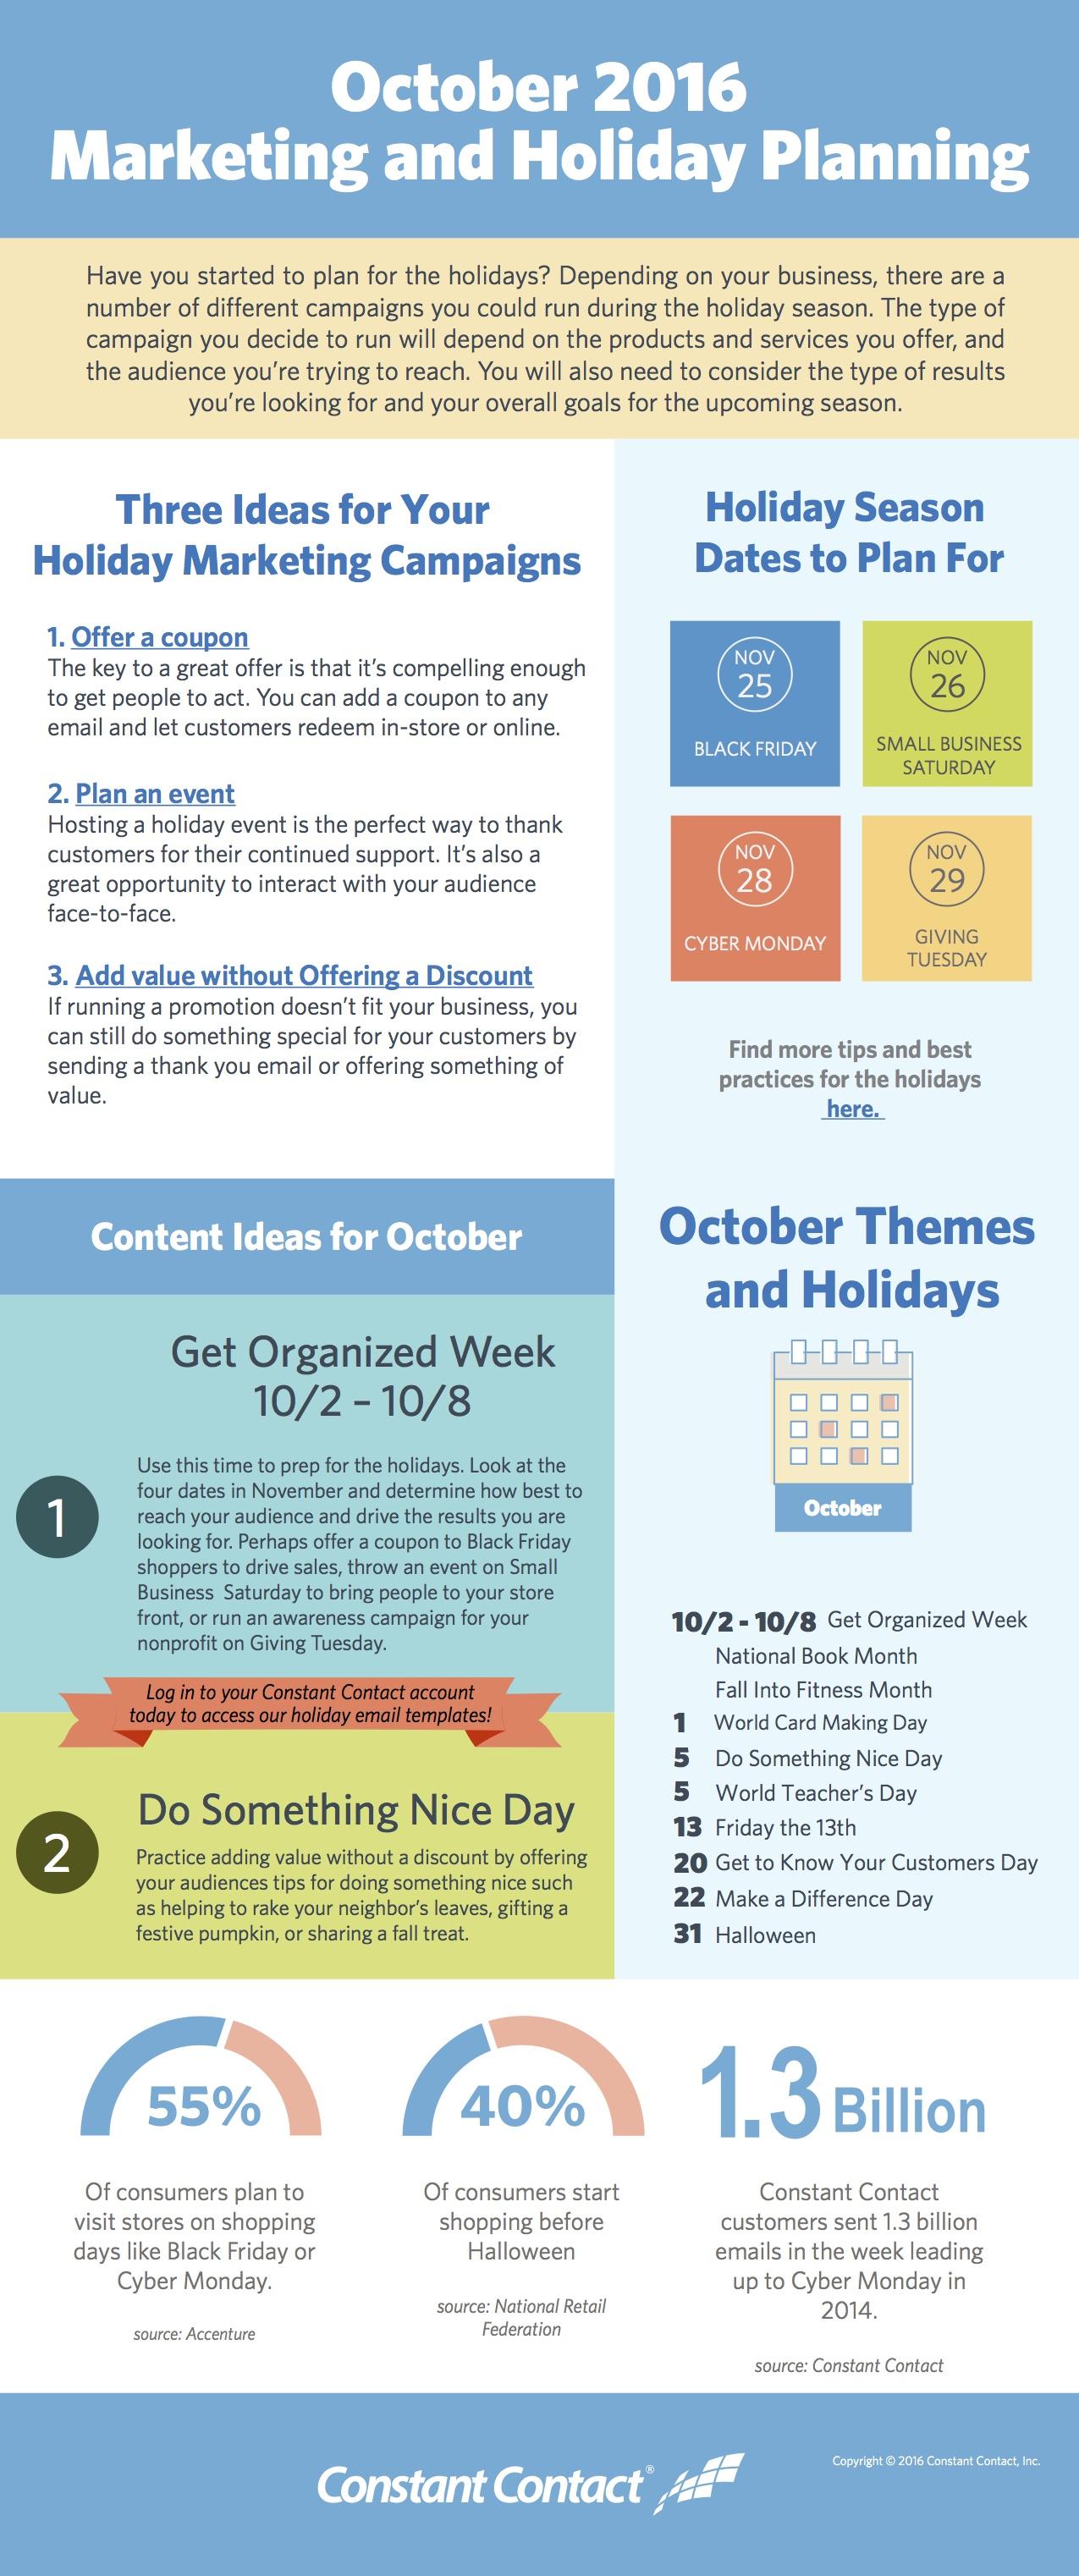 October Holiday Planning & Marketing